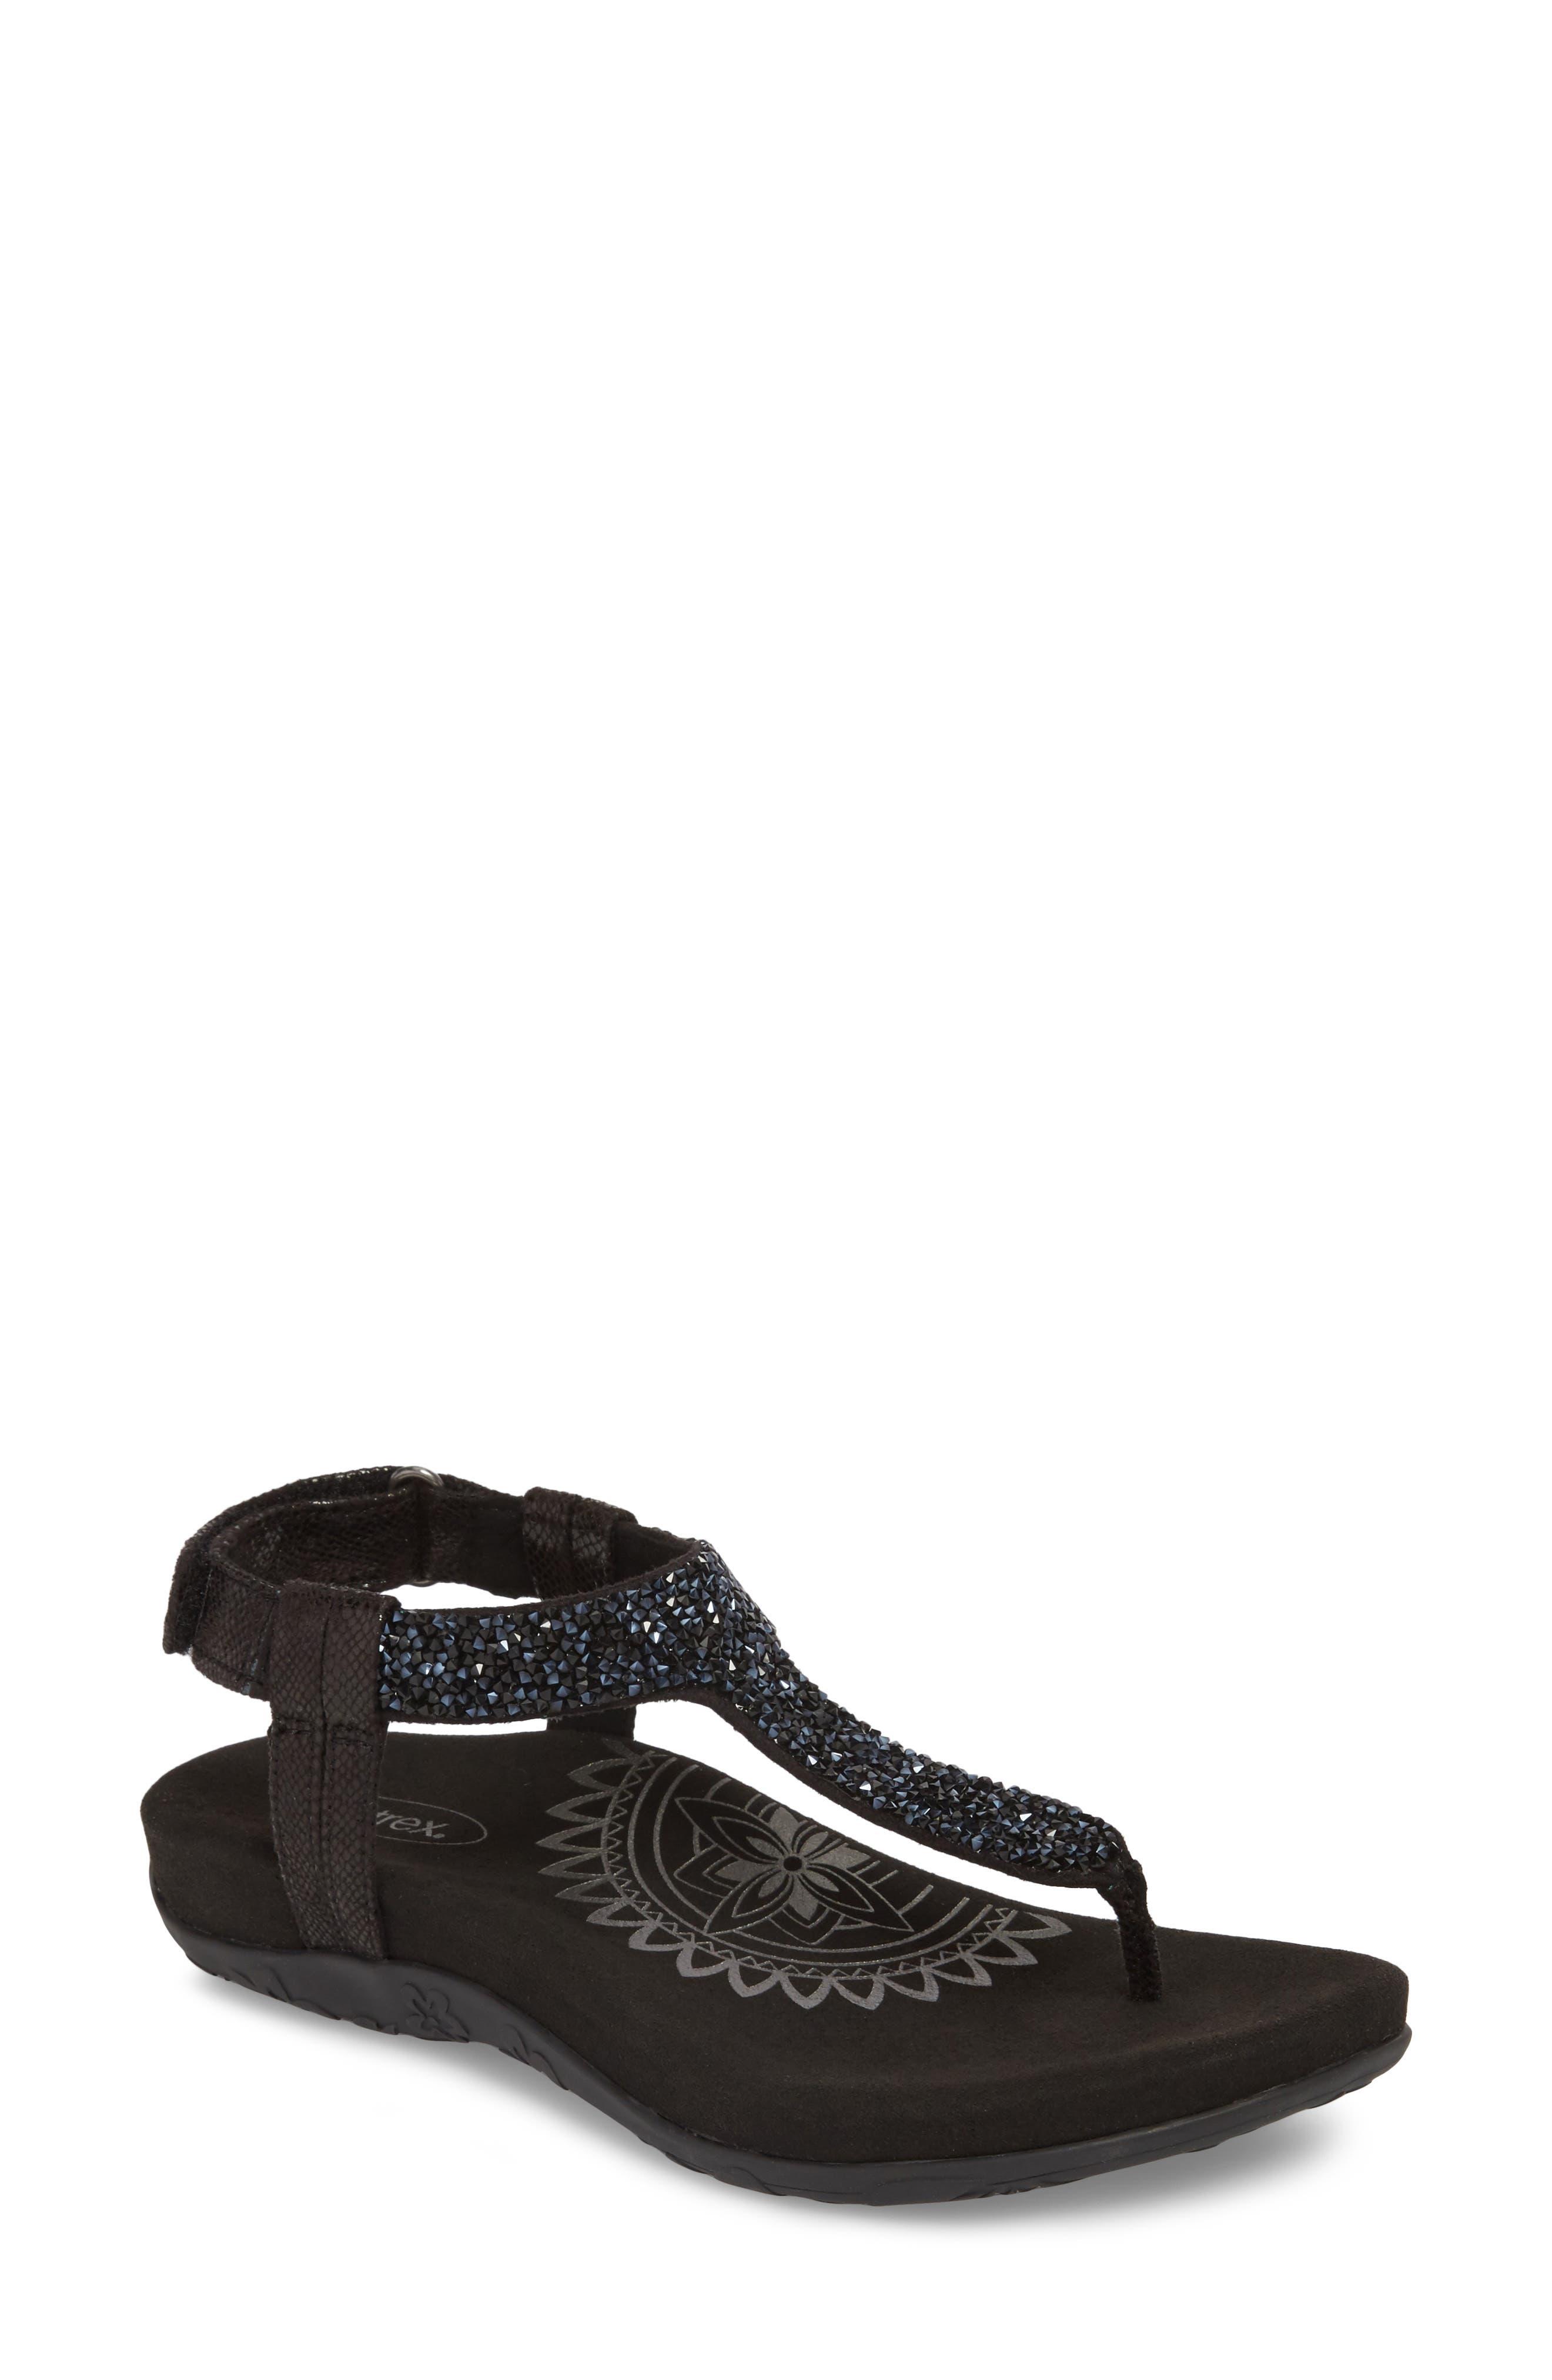 Jade Embellished T-Strap Sandal,                             Main thumbnail 1, color,                             Black Leather